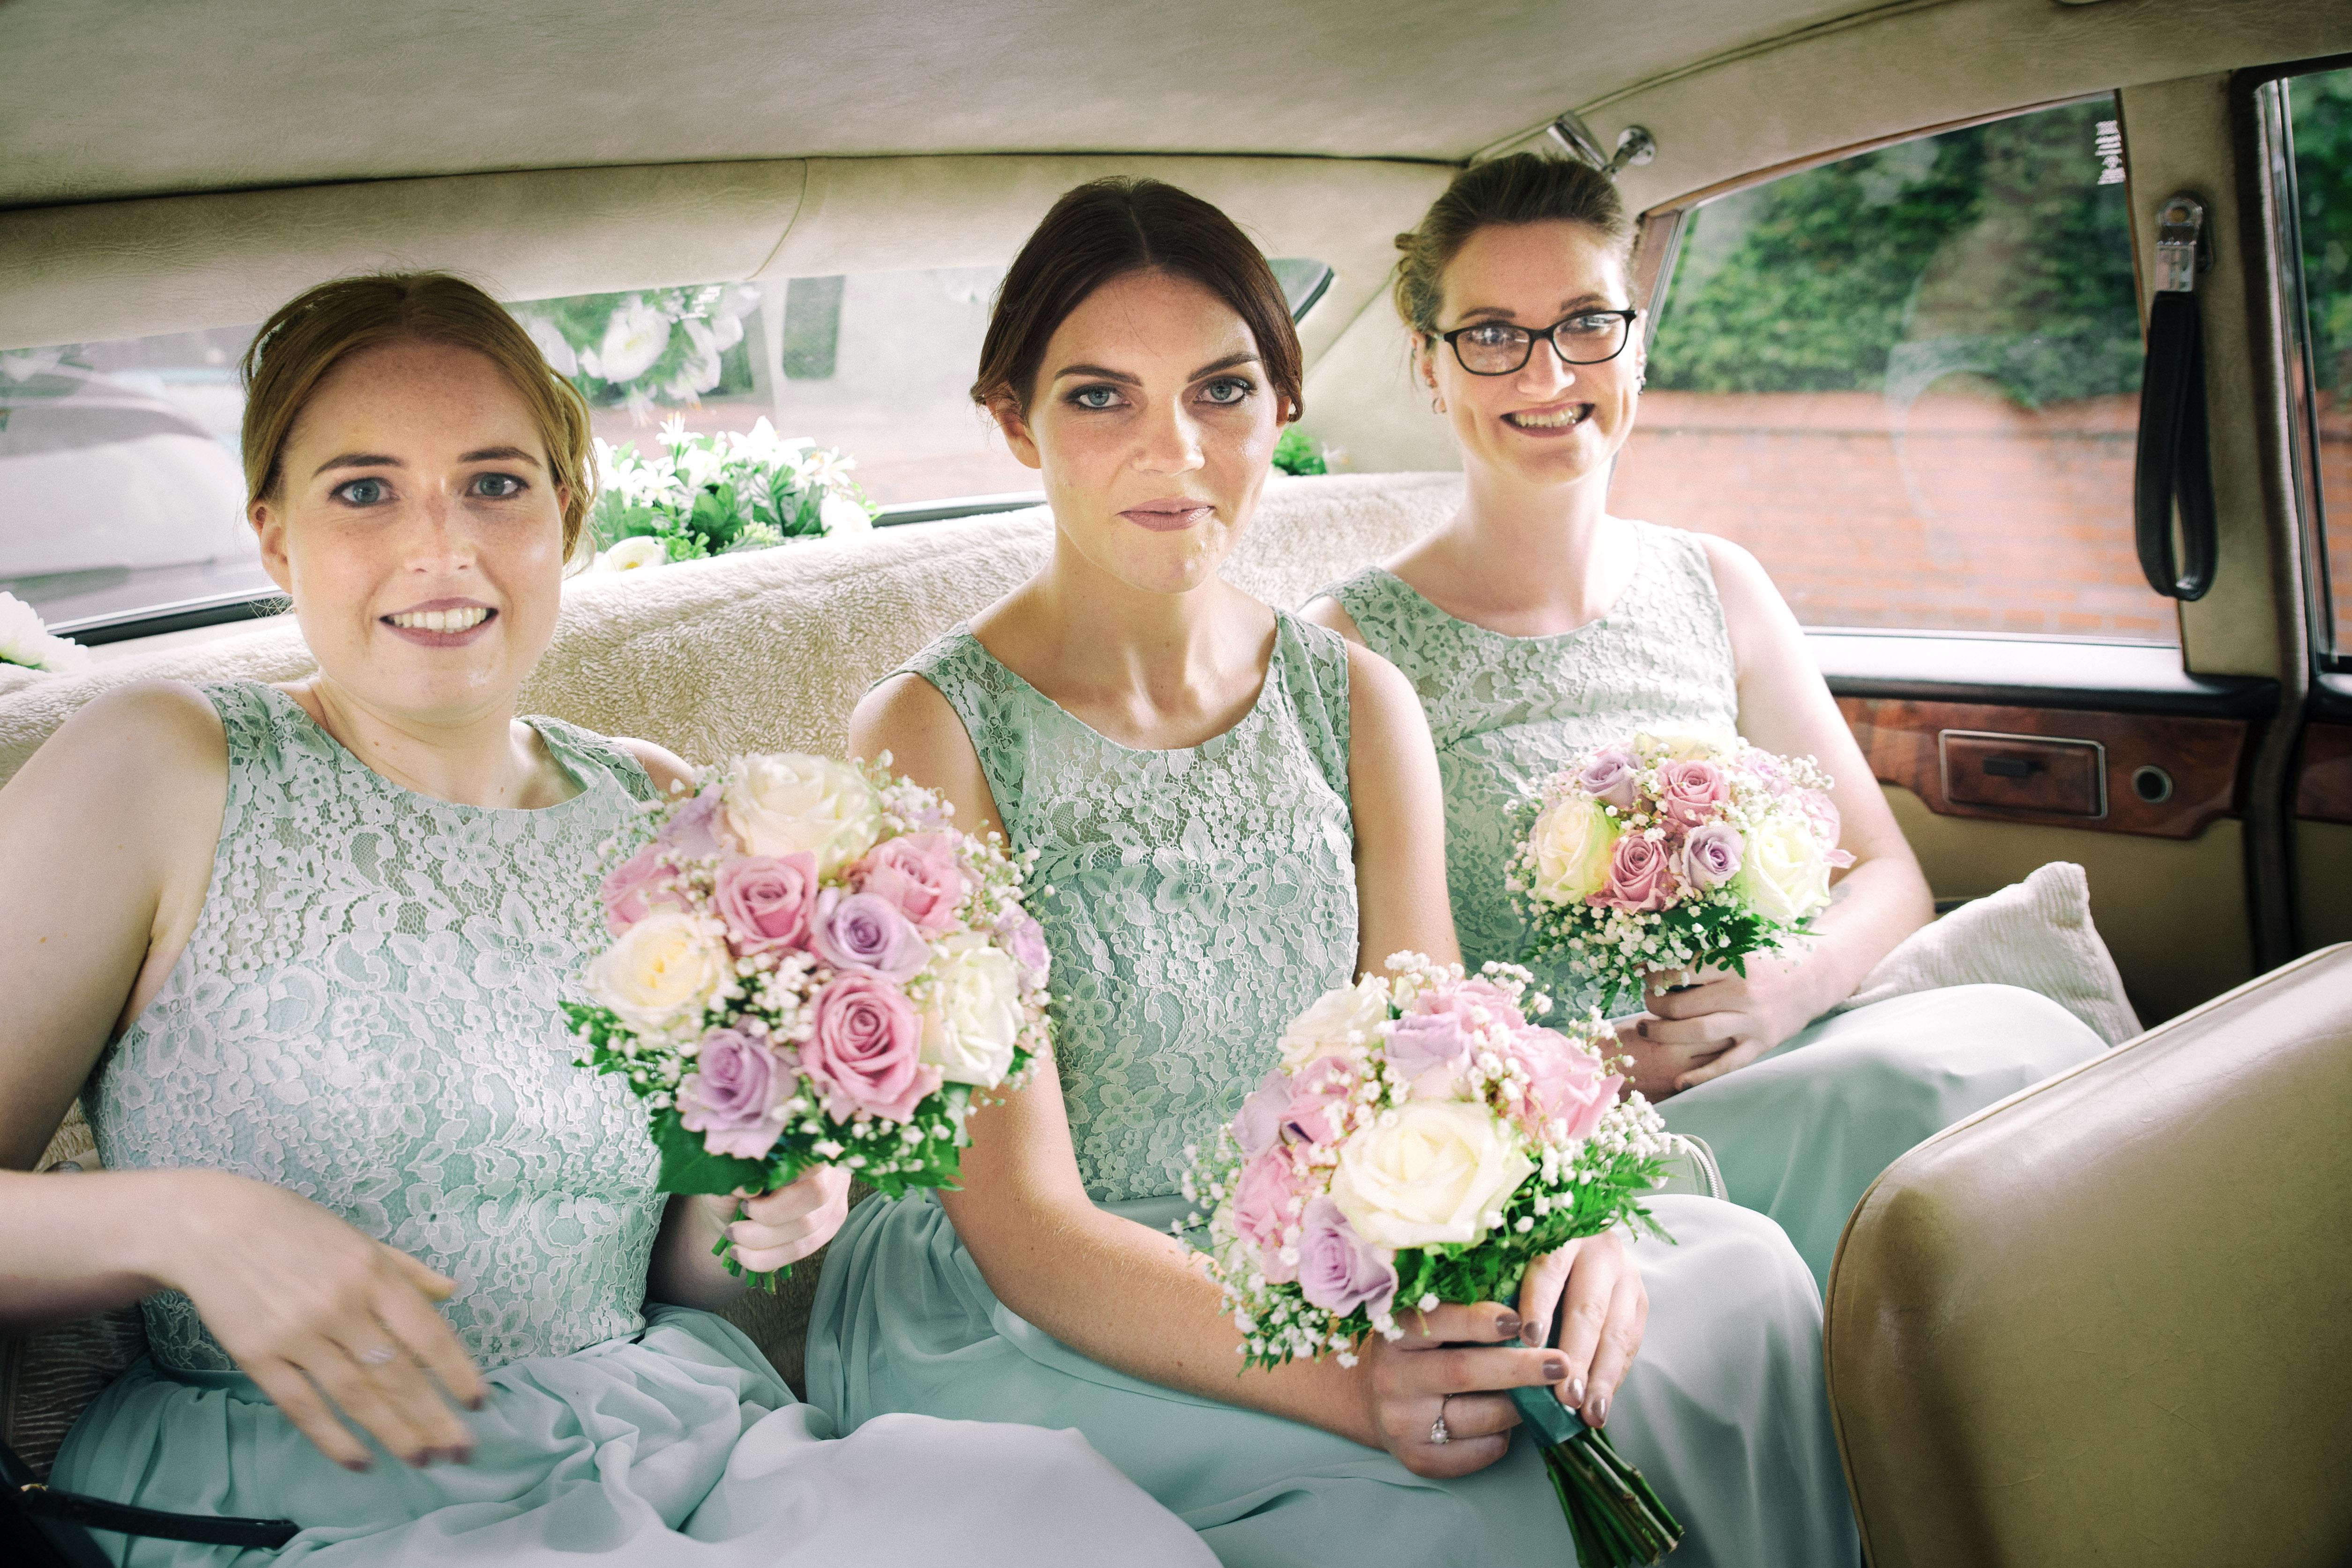 BridesmadesCar